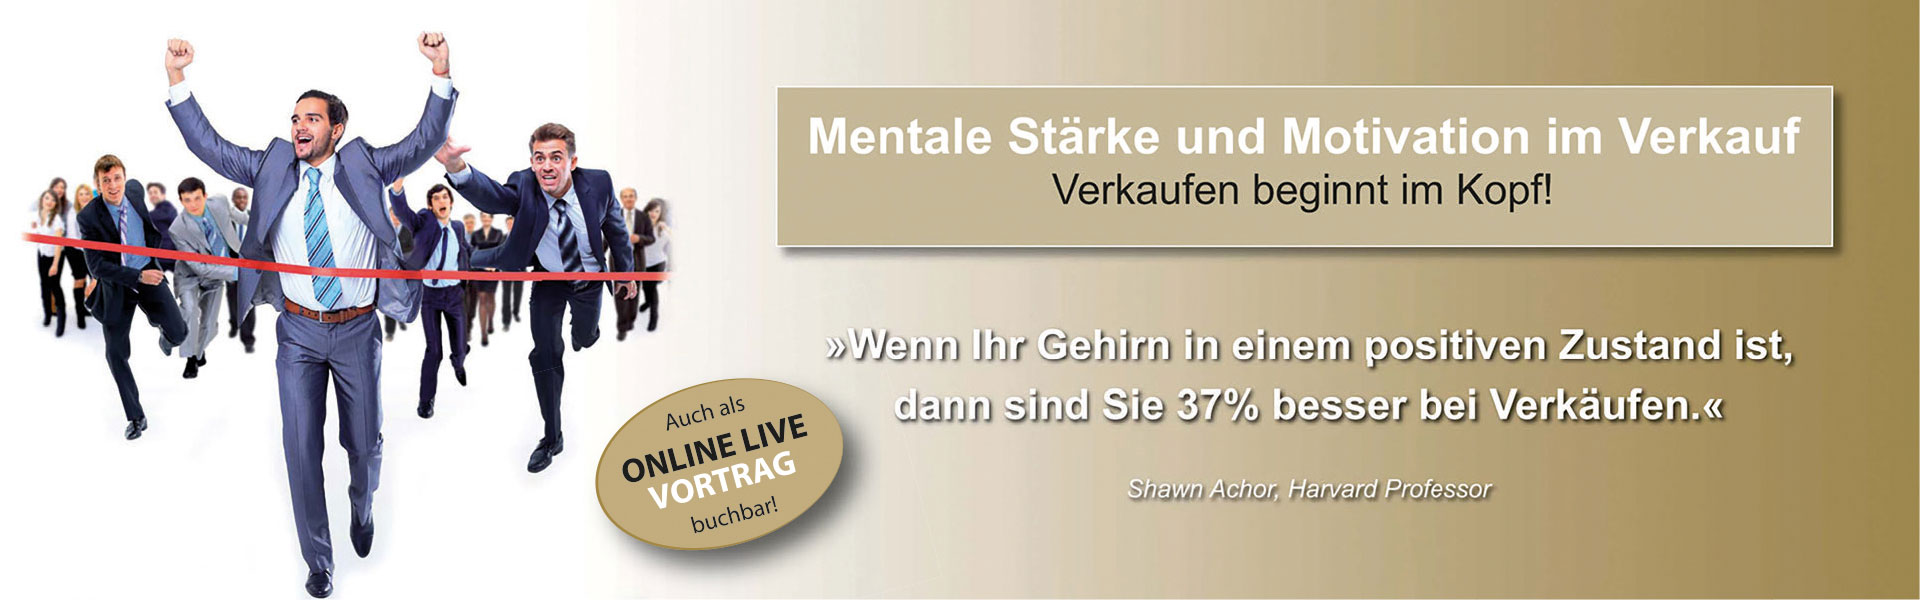 Antje Heimsoeth VORTRAG: Mentale Stärke und Motivation im Vertrieb und Verkauf